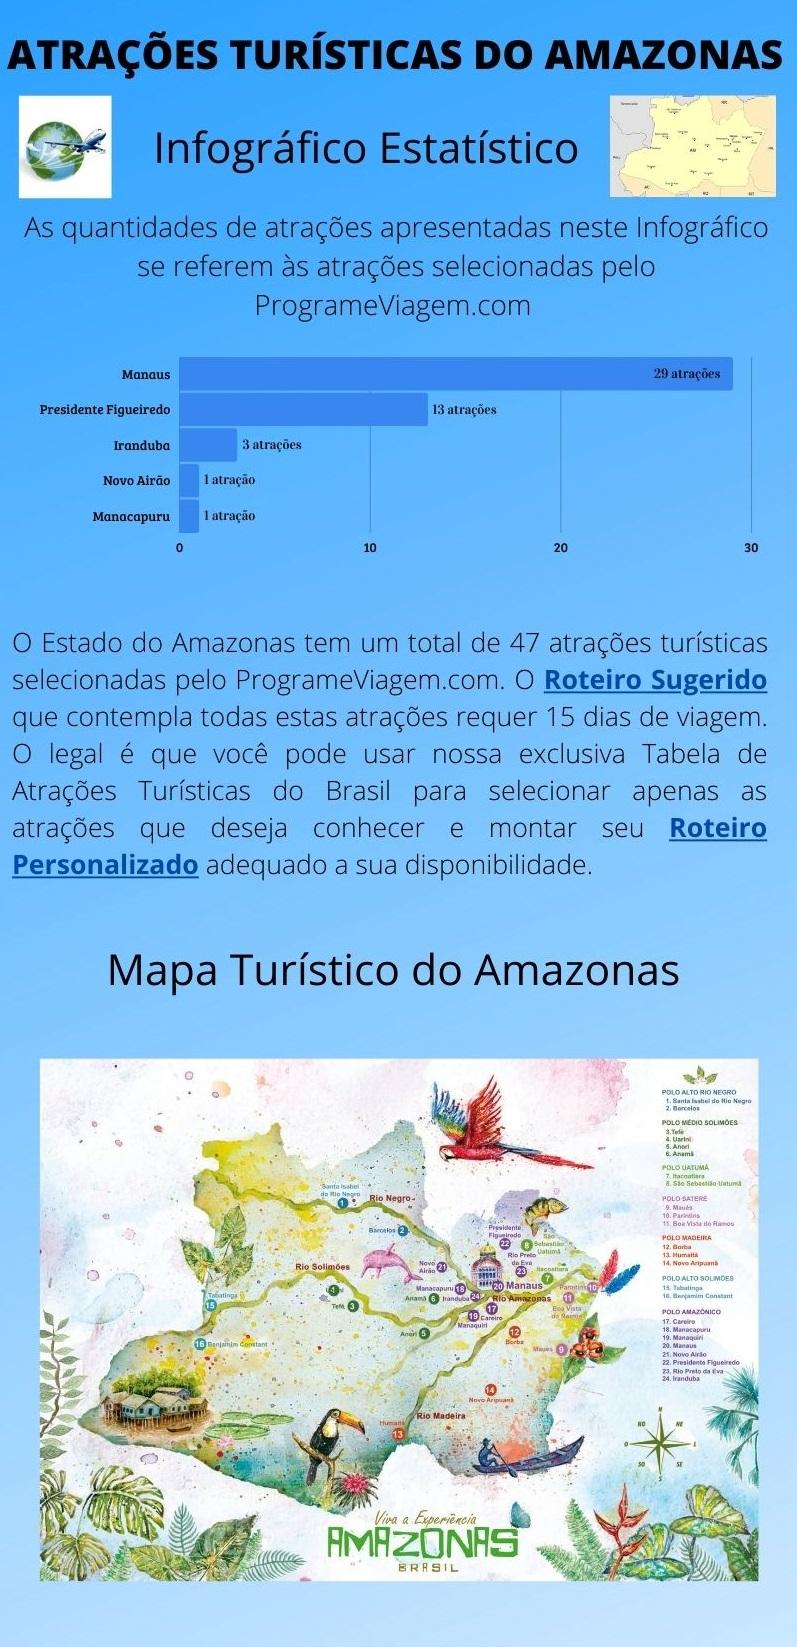 Infográfico Atrações Turísticas do Amazonas